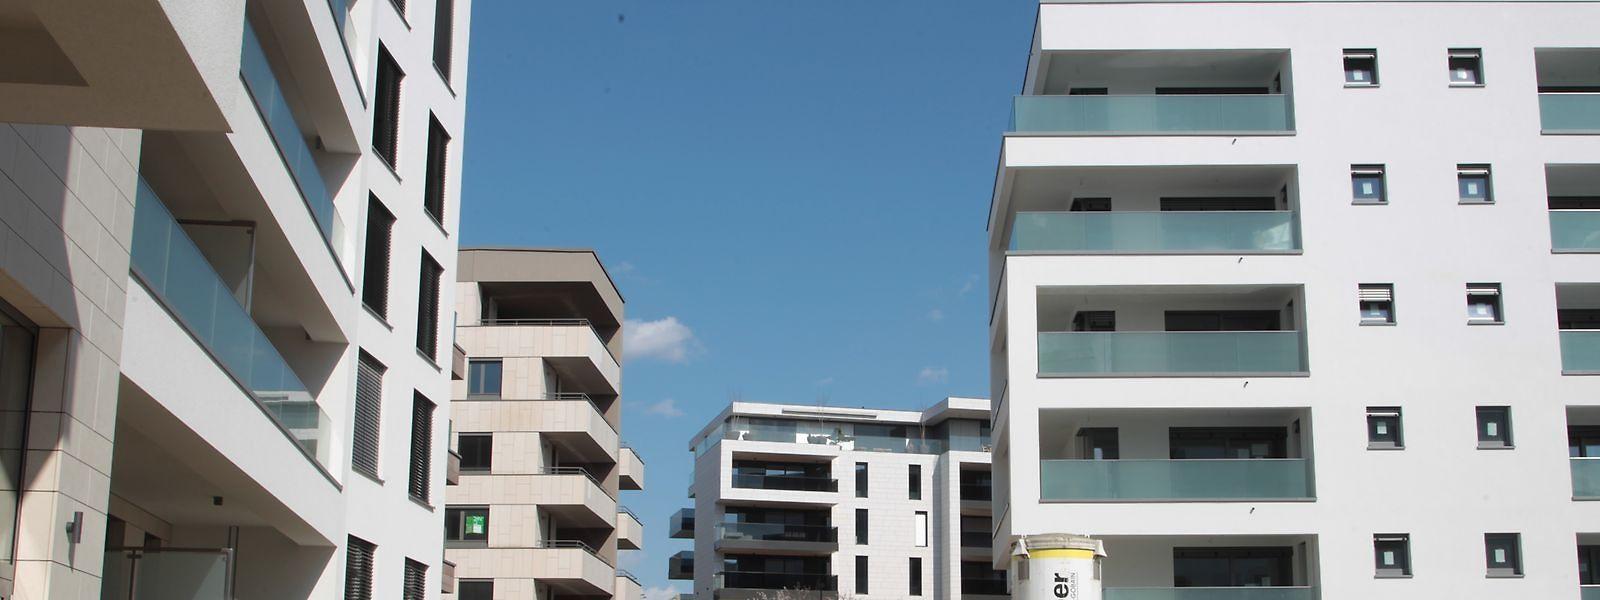 Jamais au cours de la décennie écoulée, les prix des logements au Luxembourg n'auront autant augmenté. Selon les derniers chiffres d'Eurostat.